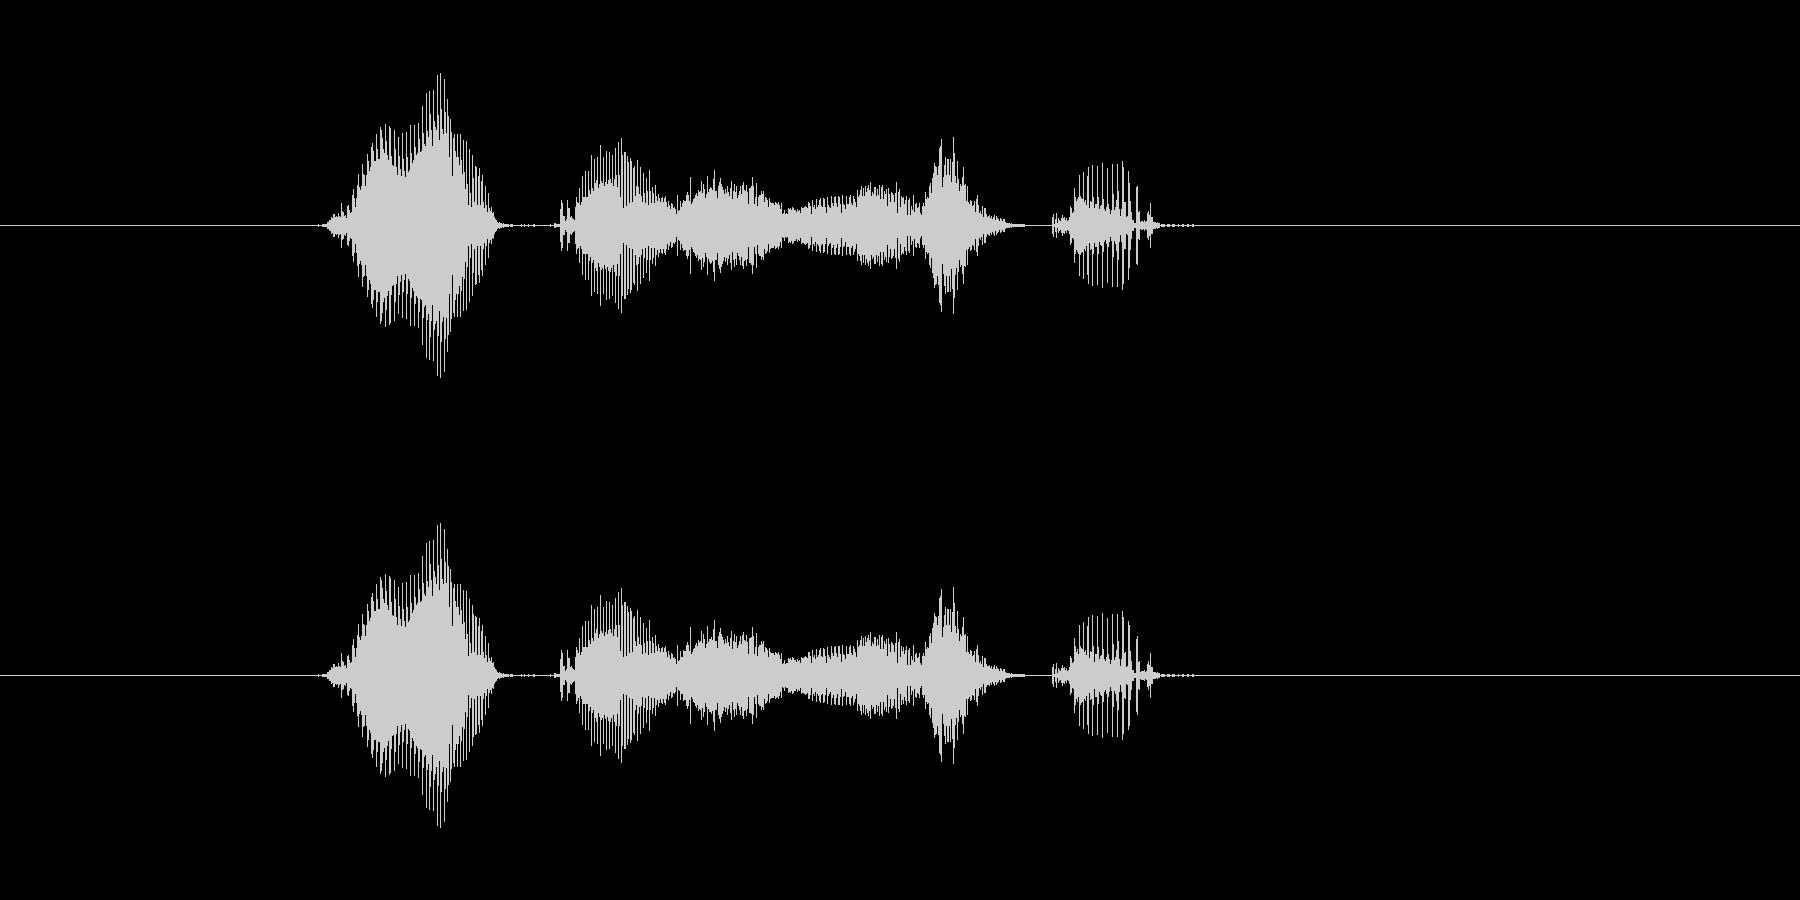 【システム】了解しましたの未再生の波形